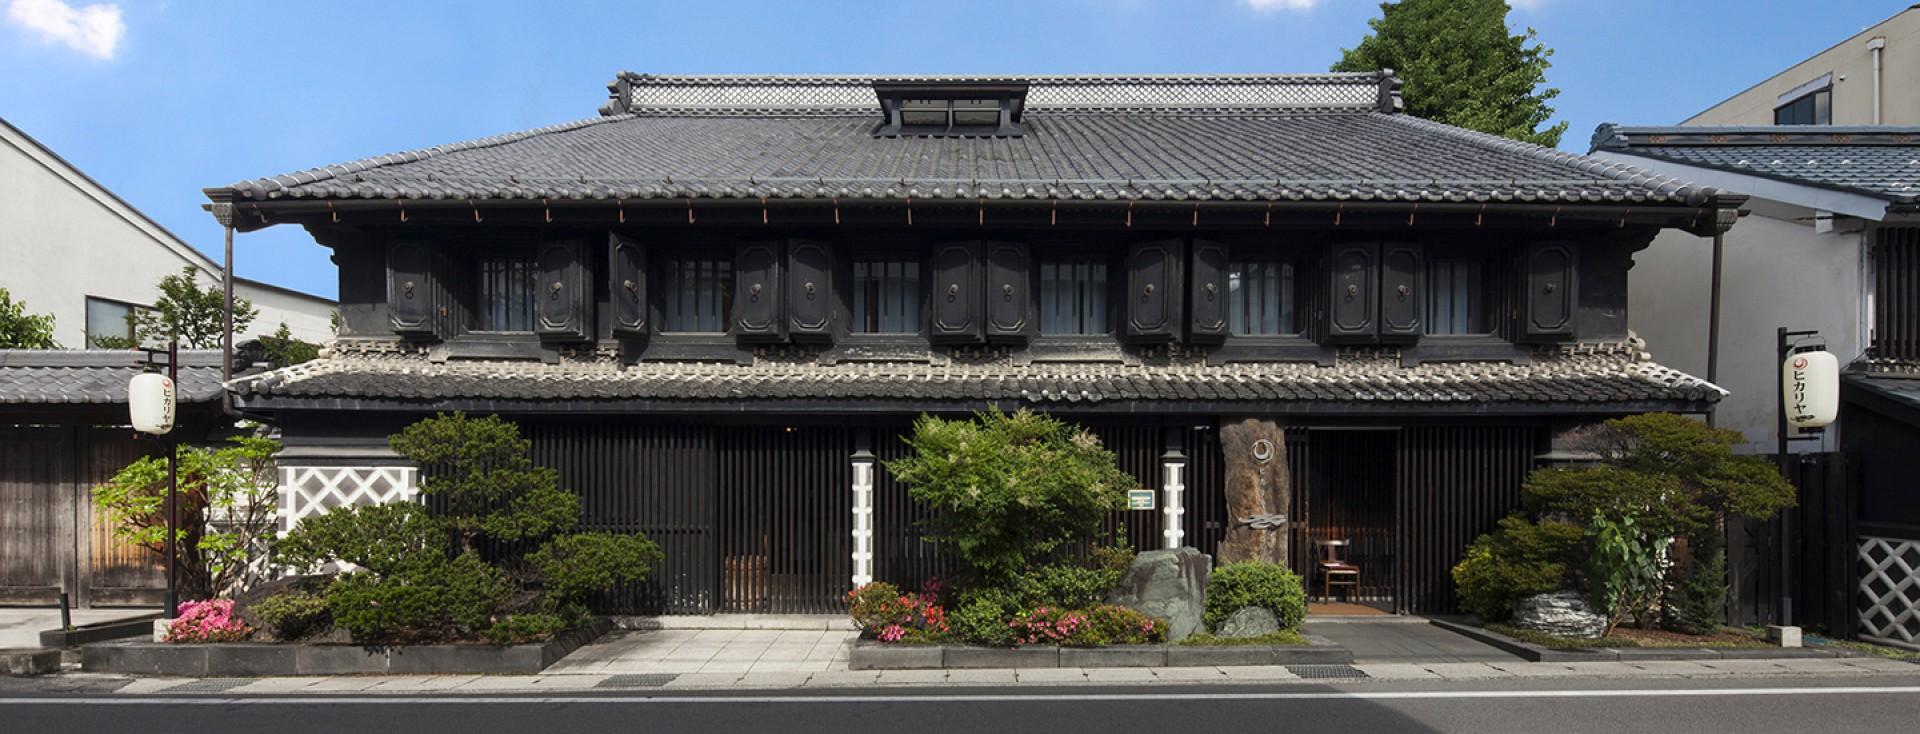 Hikariya-Nishi